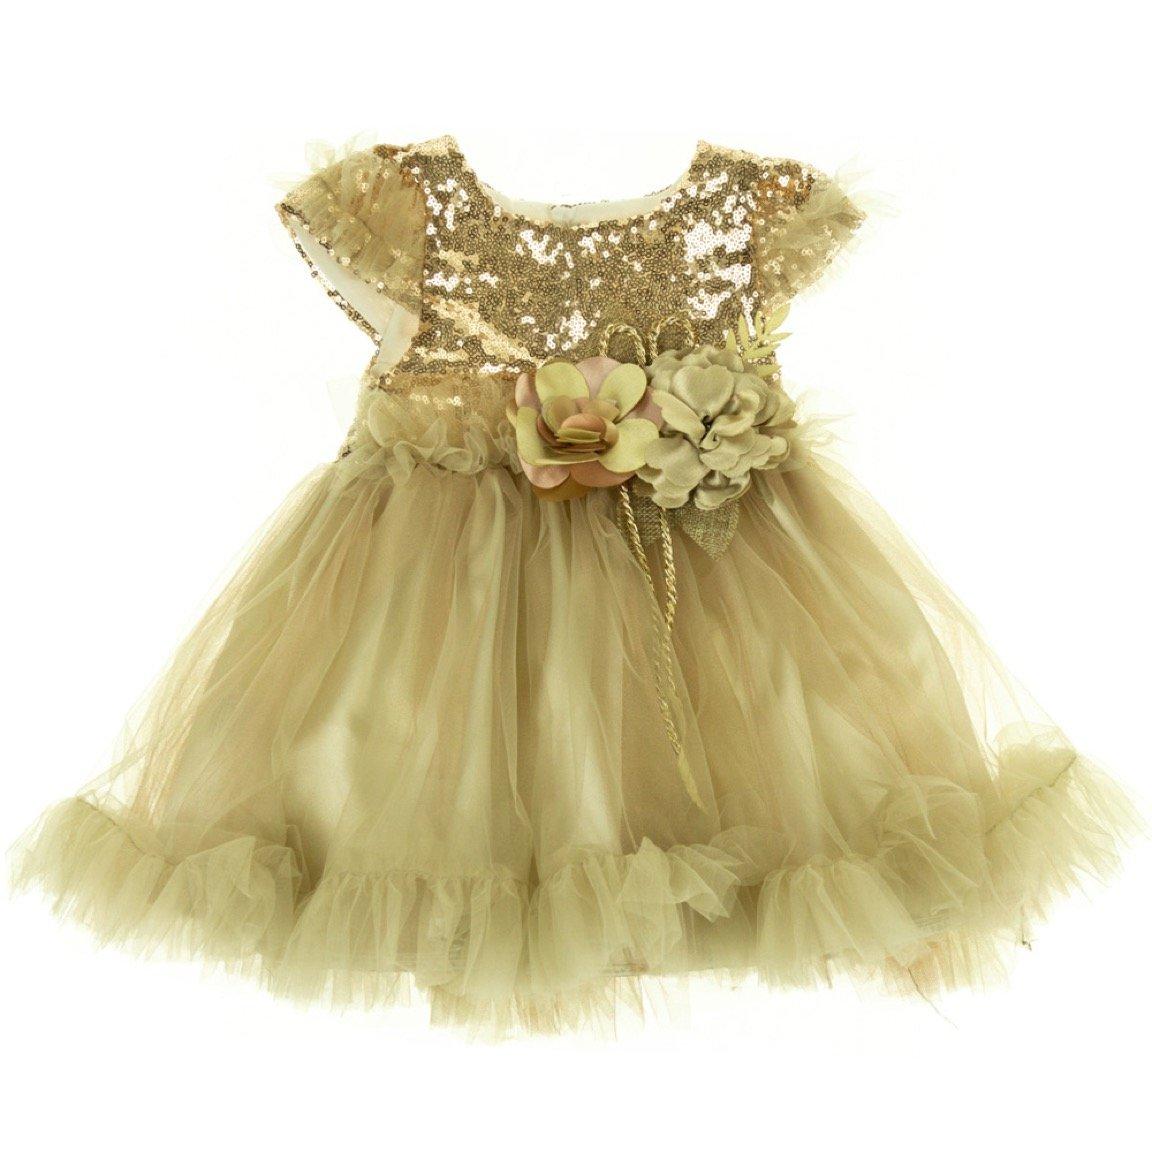 Blueberry's παιδικό αμπιγιέ φόρεμα «Golden Grace»